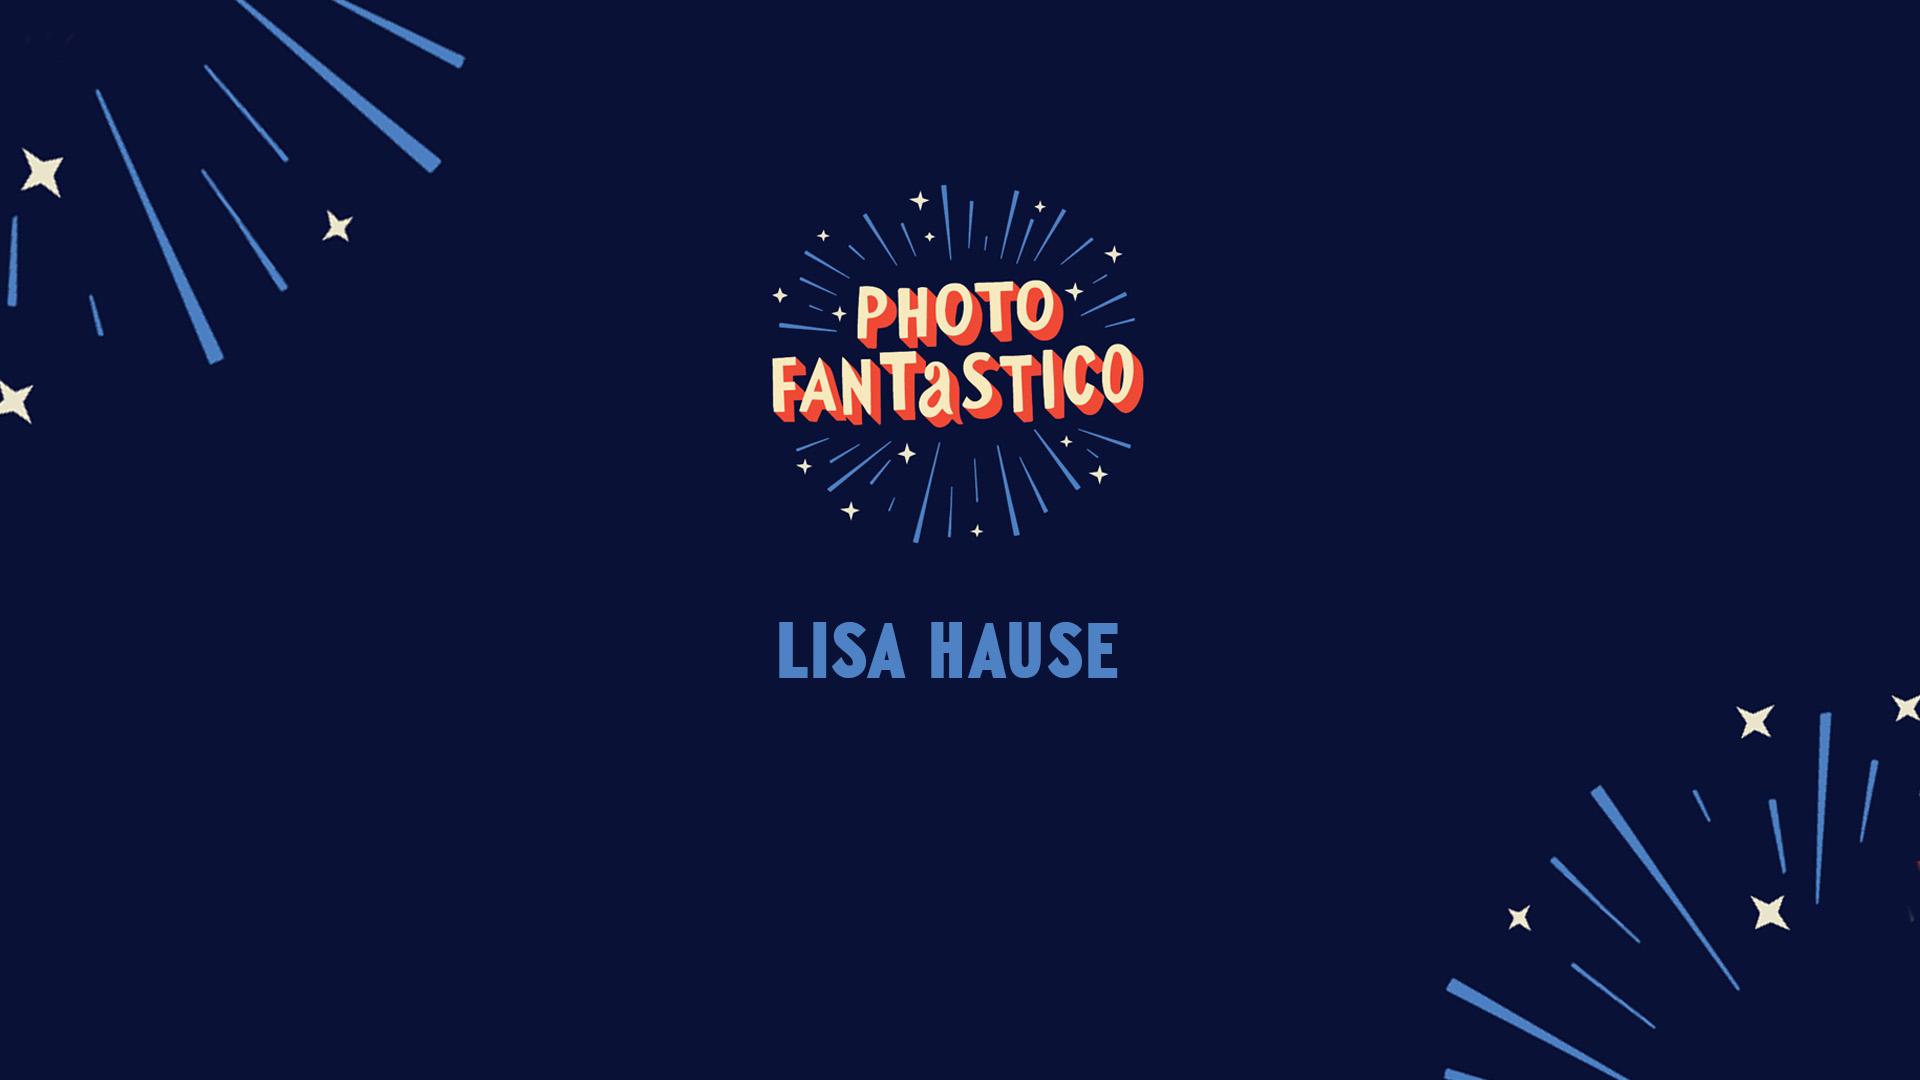 Lisa Hause